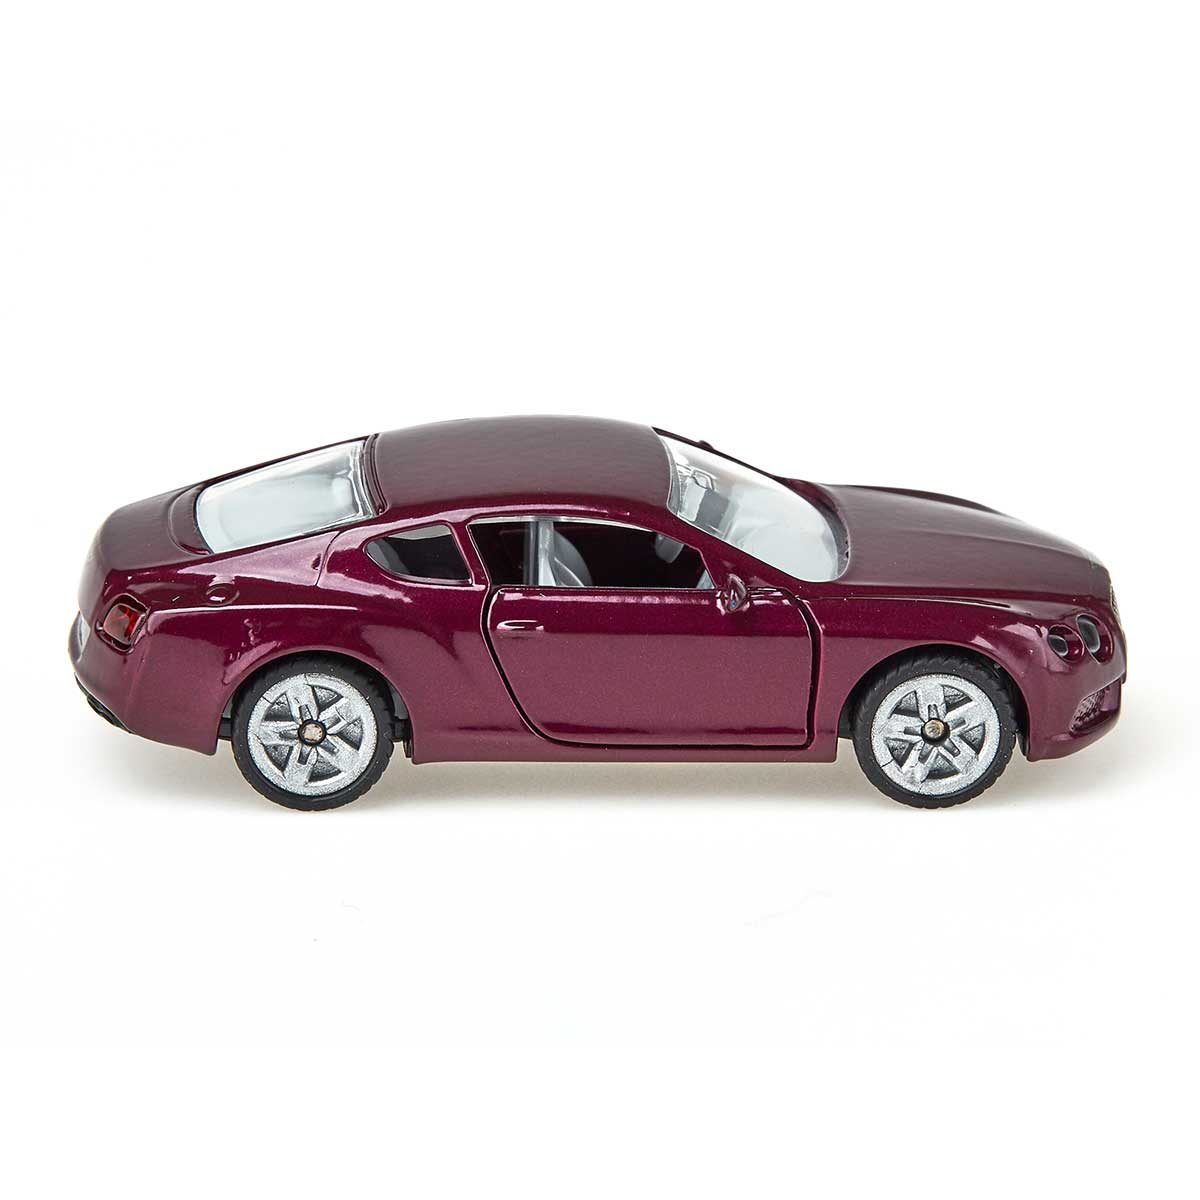 ベントレー コンチネンタル GT V8